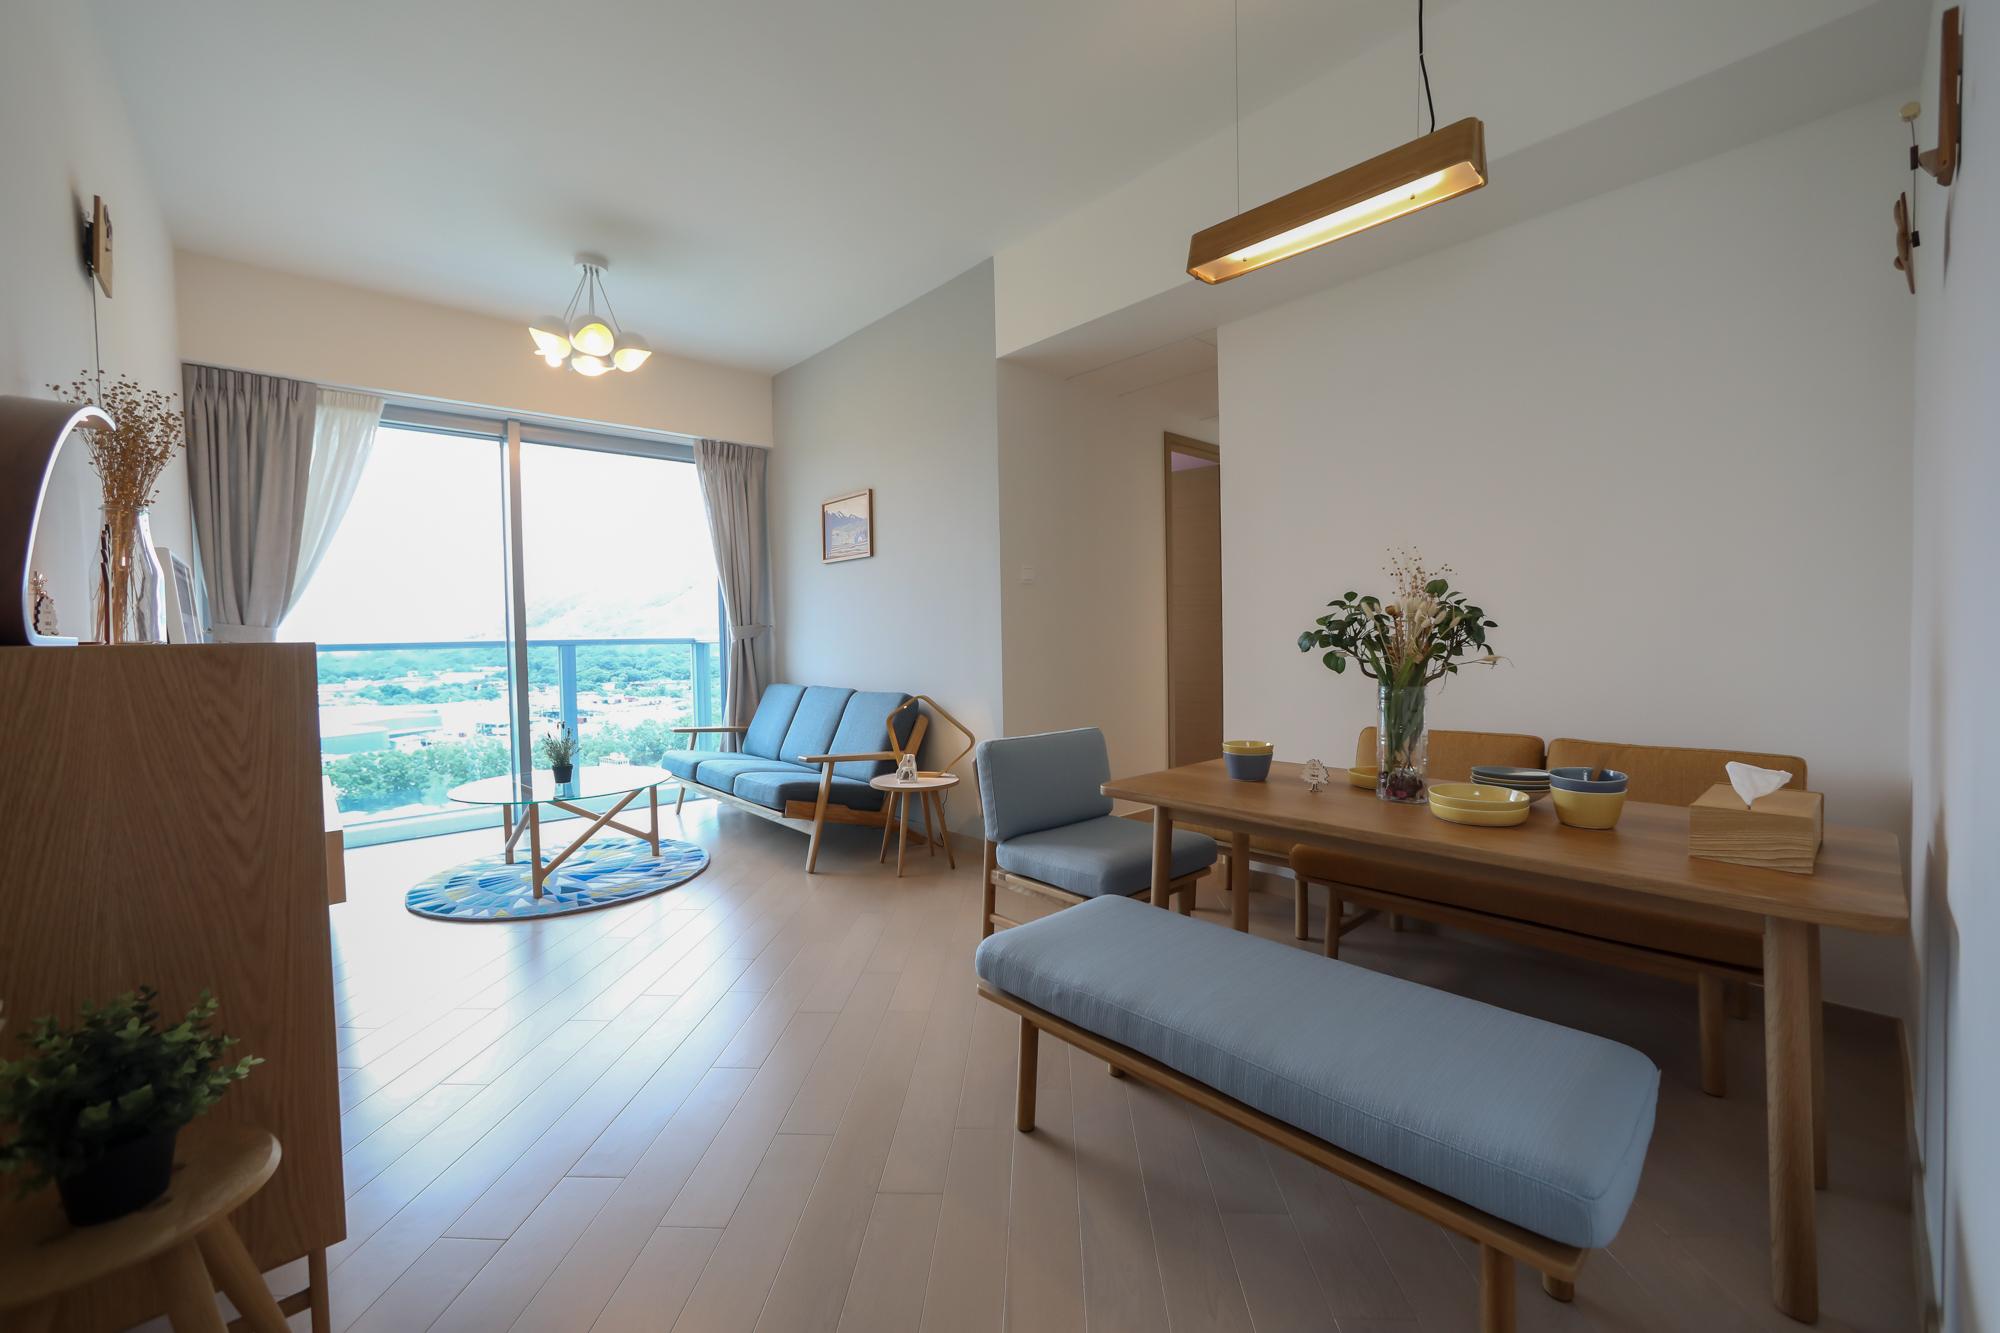 飯廳引入日本L&D(Living & Dining)概念,將生活空間和用餐融合。